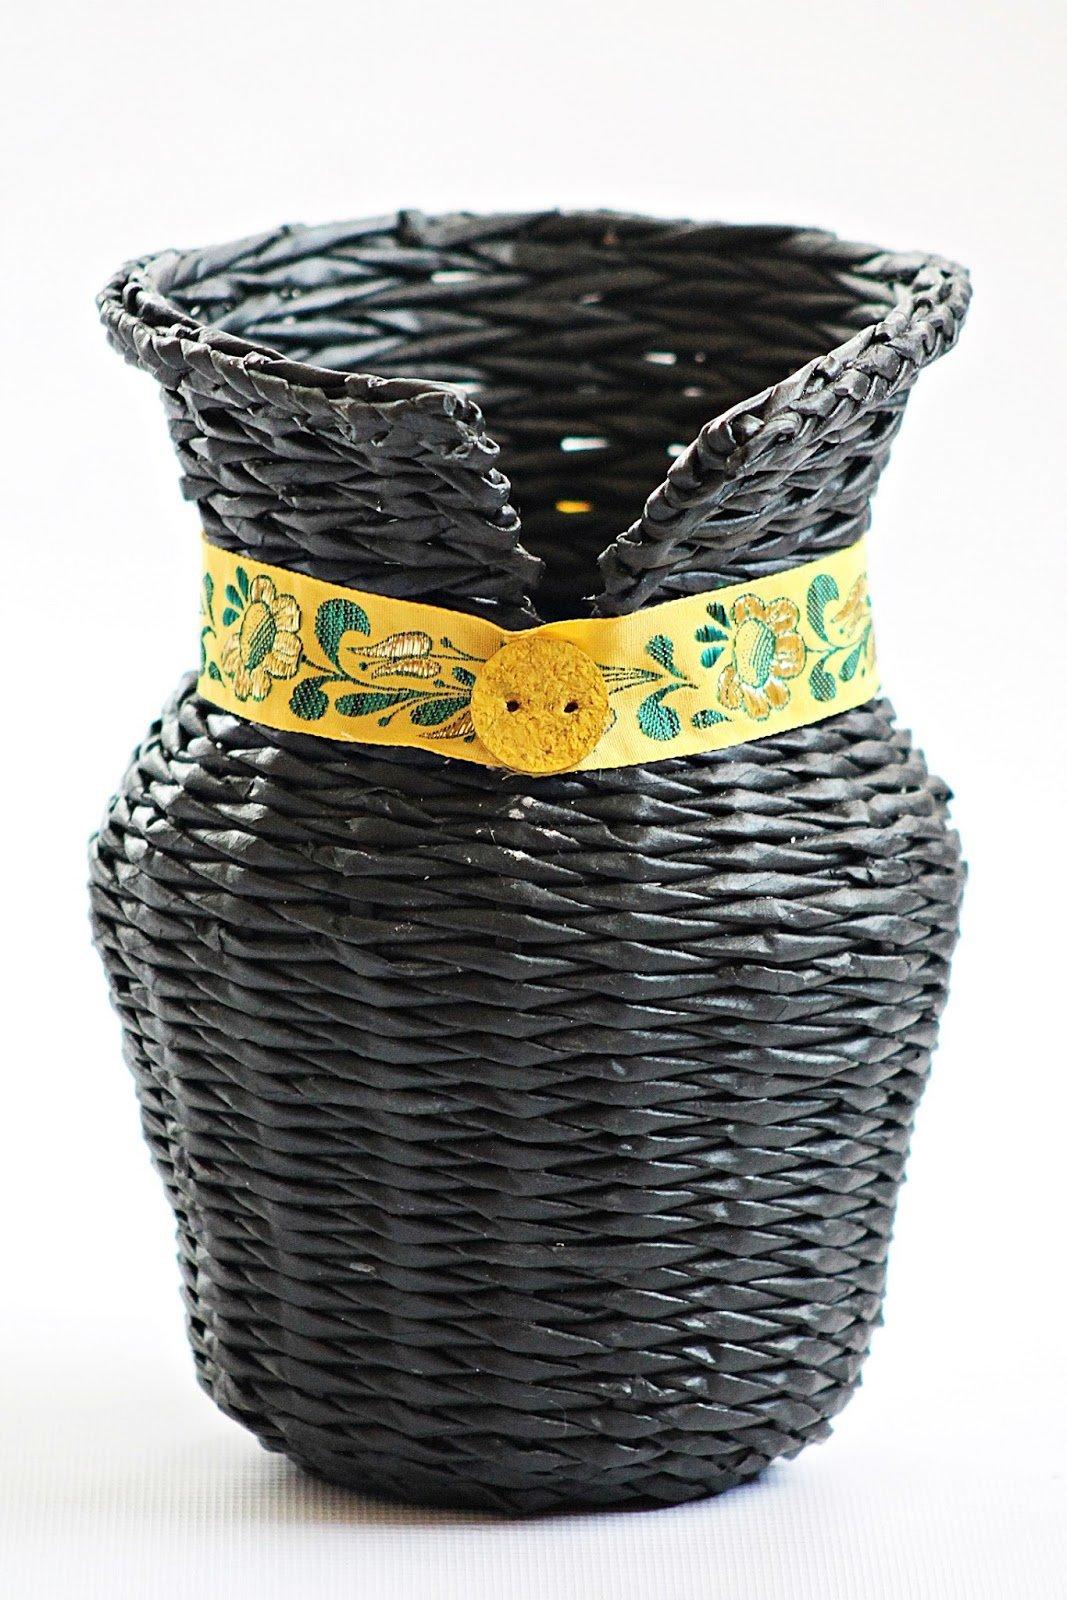 Плетение из газет: урок 2. основные виды плетения (спиральное) | rezumistka